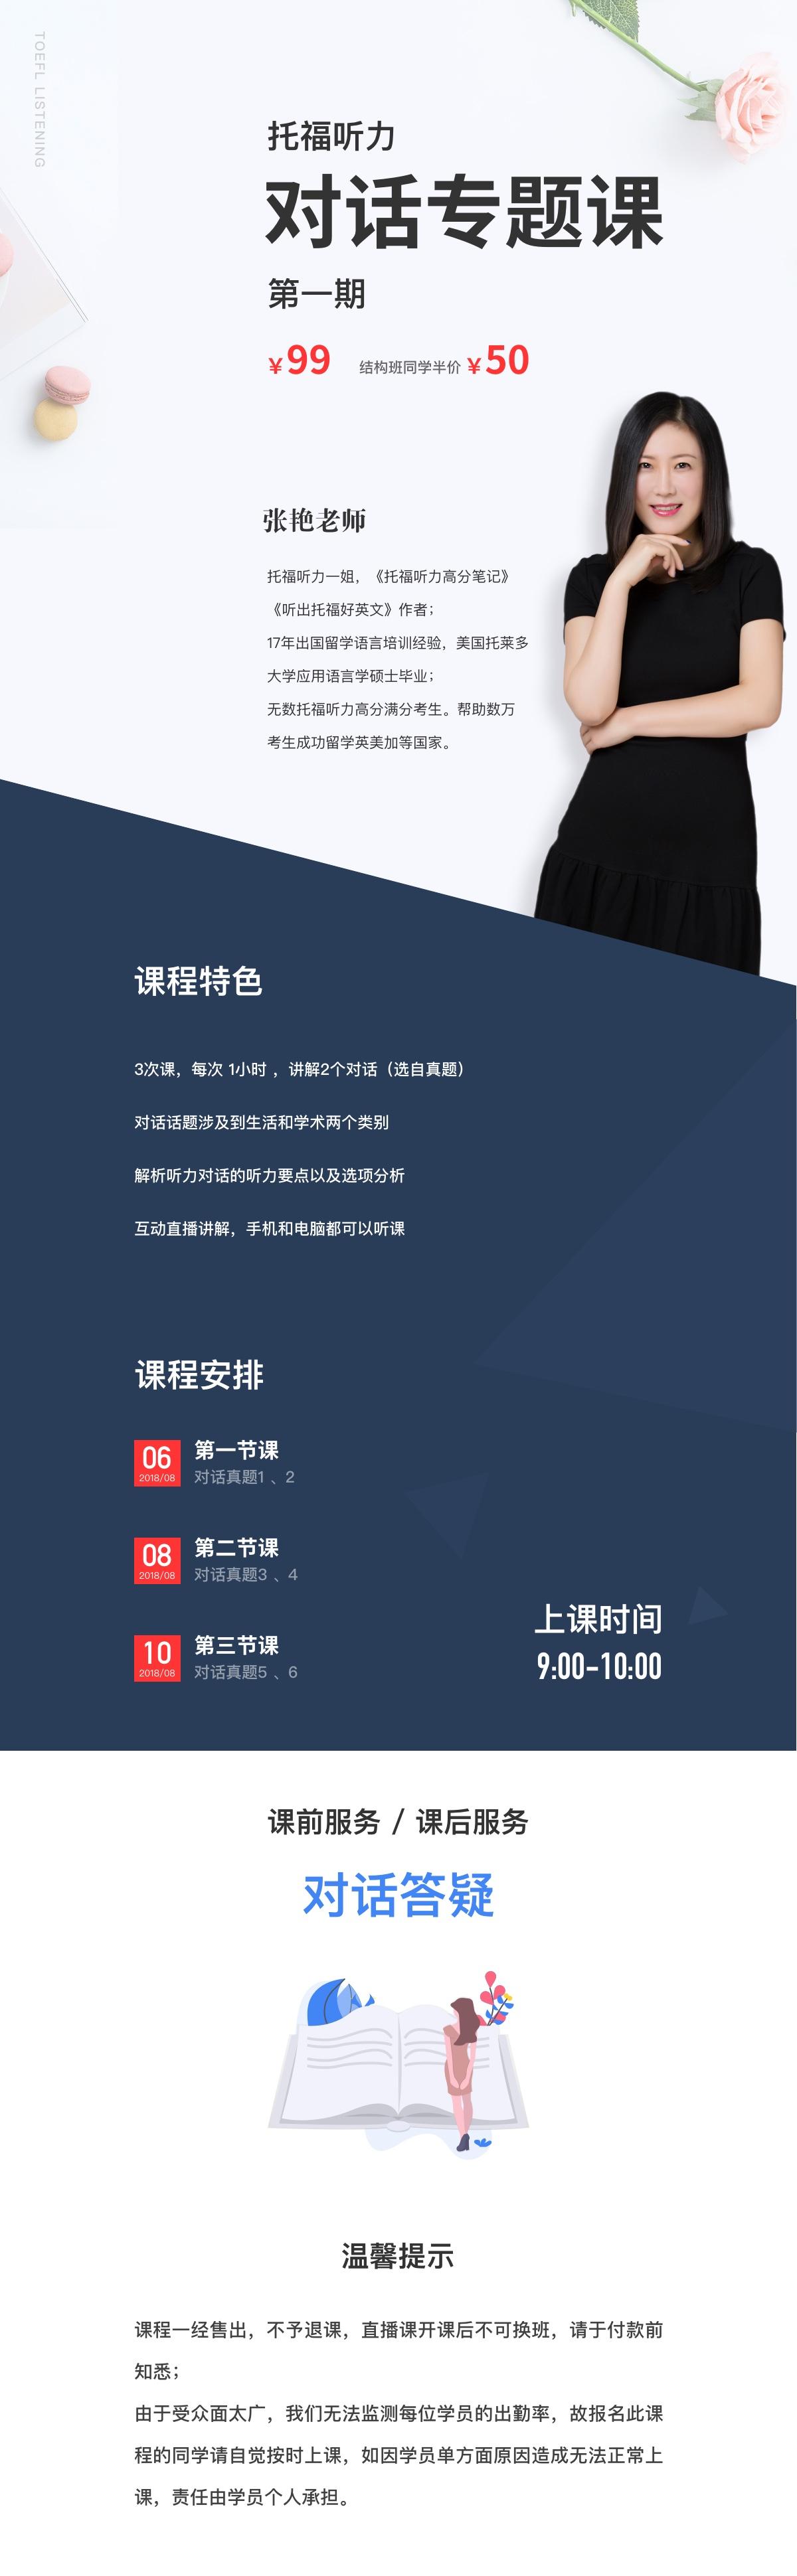 张艳老师托福听力对话专题课第一期.jpg